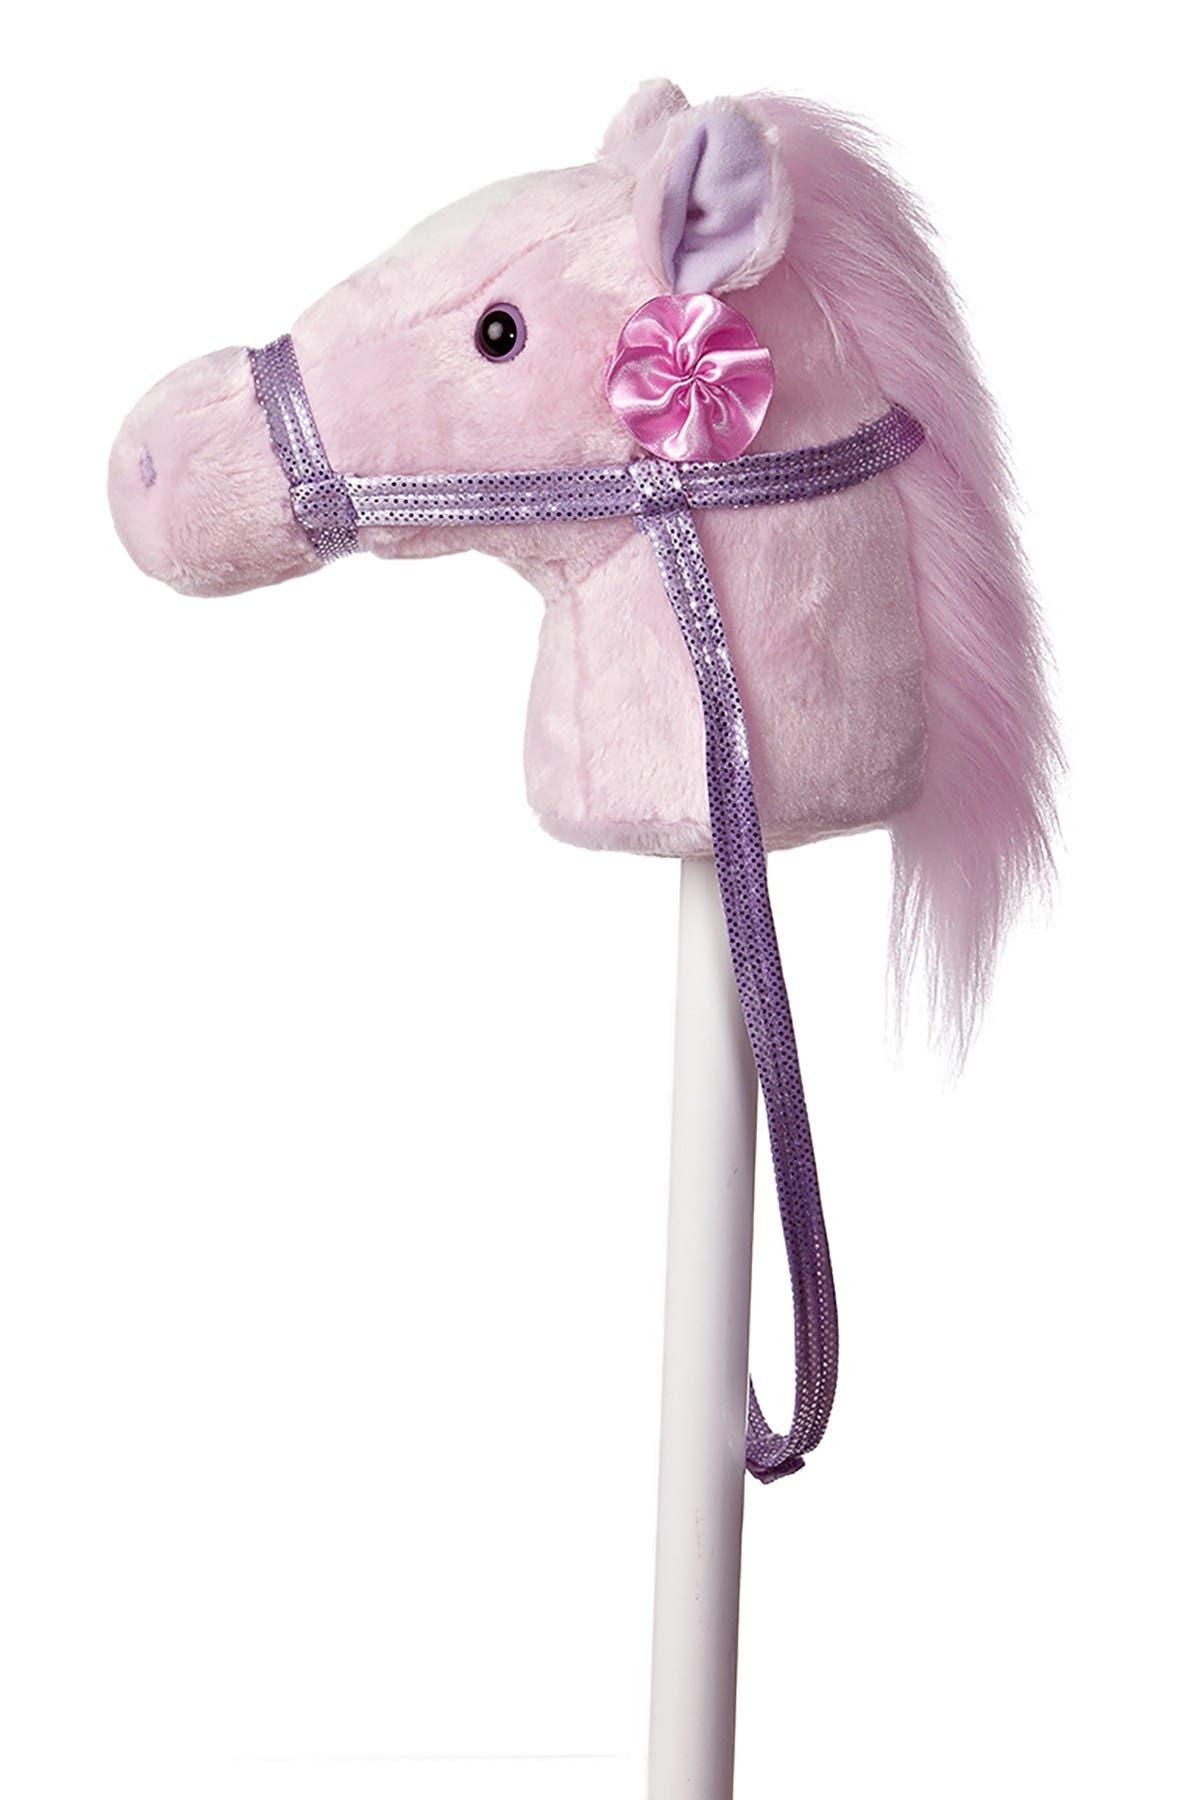 Image of Aurora World Toys Fantasy Pony Stick Toy